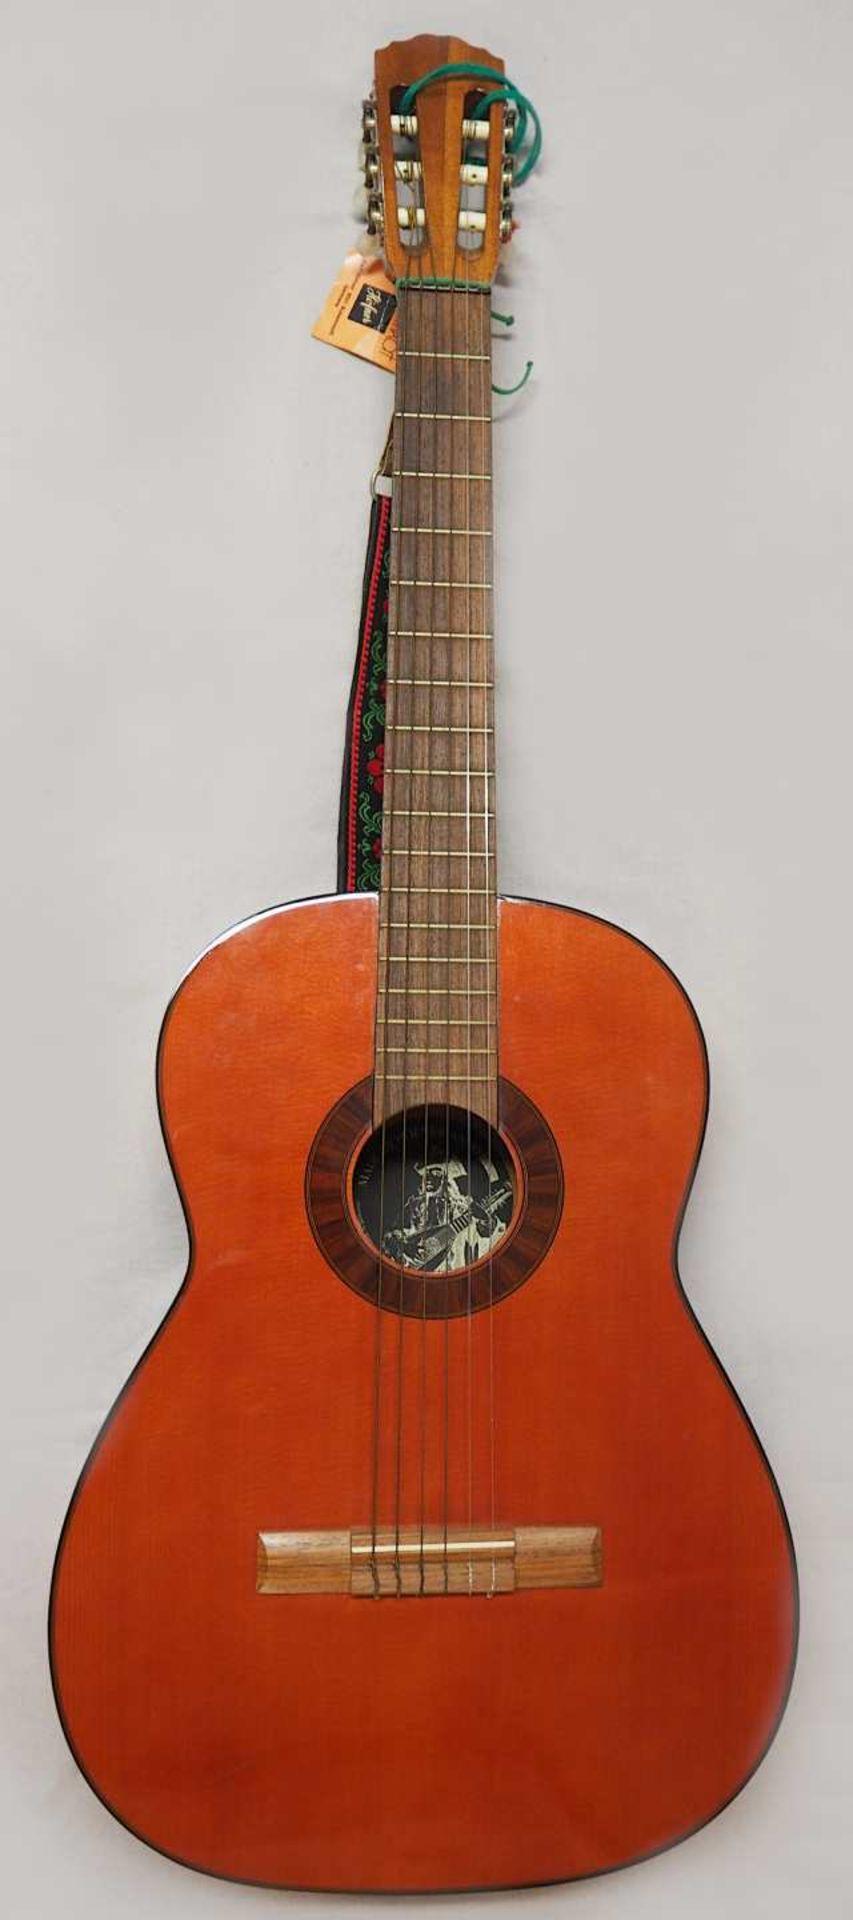 1 Konzert-Gitarre HÖFNER Modellnummer: 4840, wohl z.T. Rosenholz min. intarsiert auf